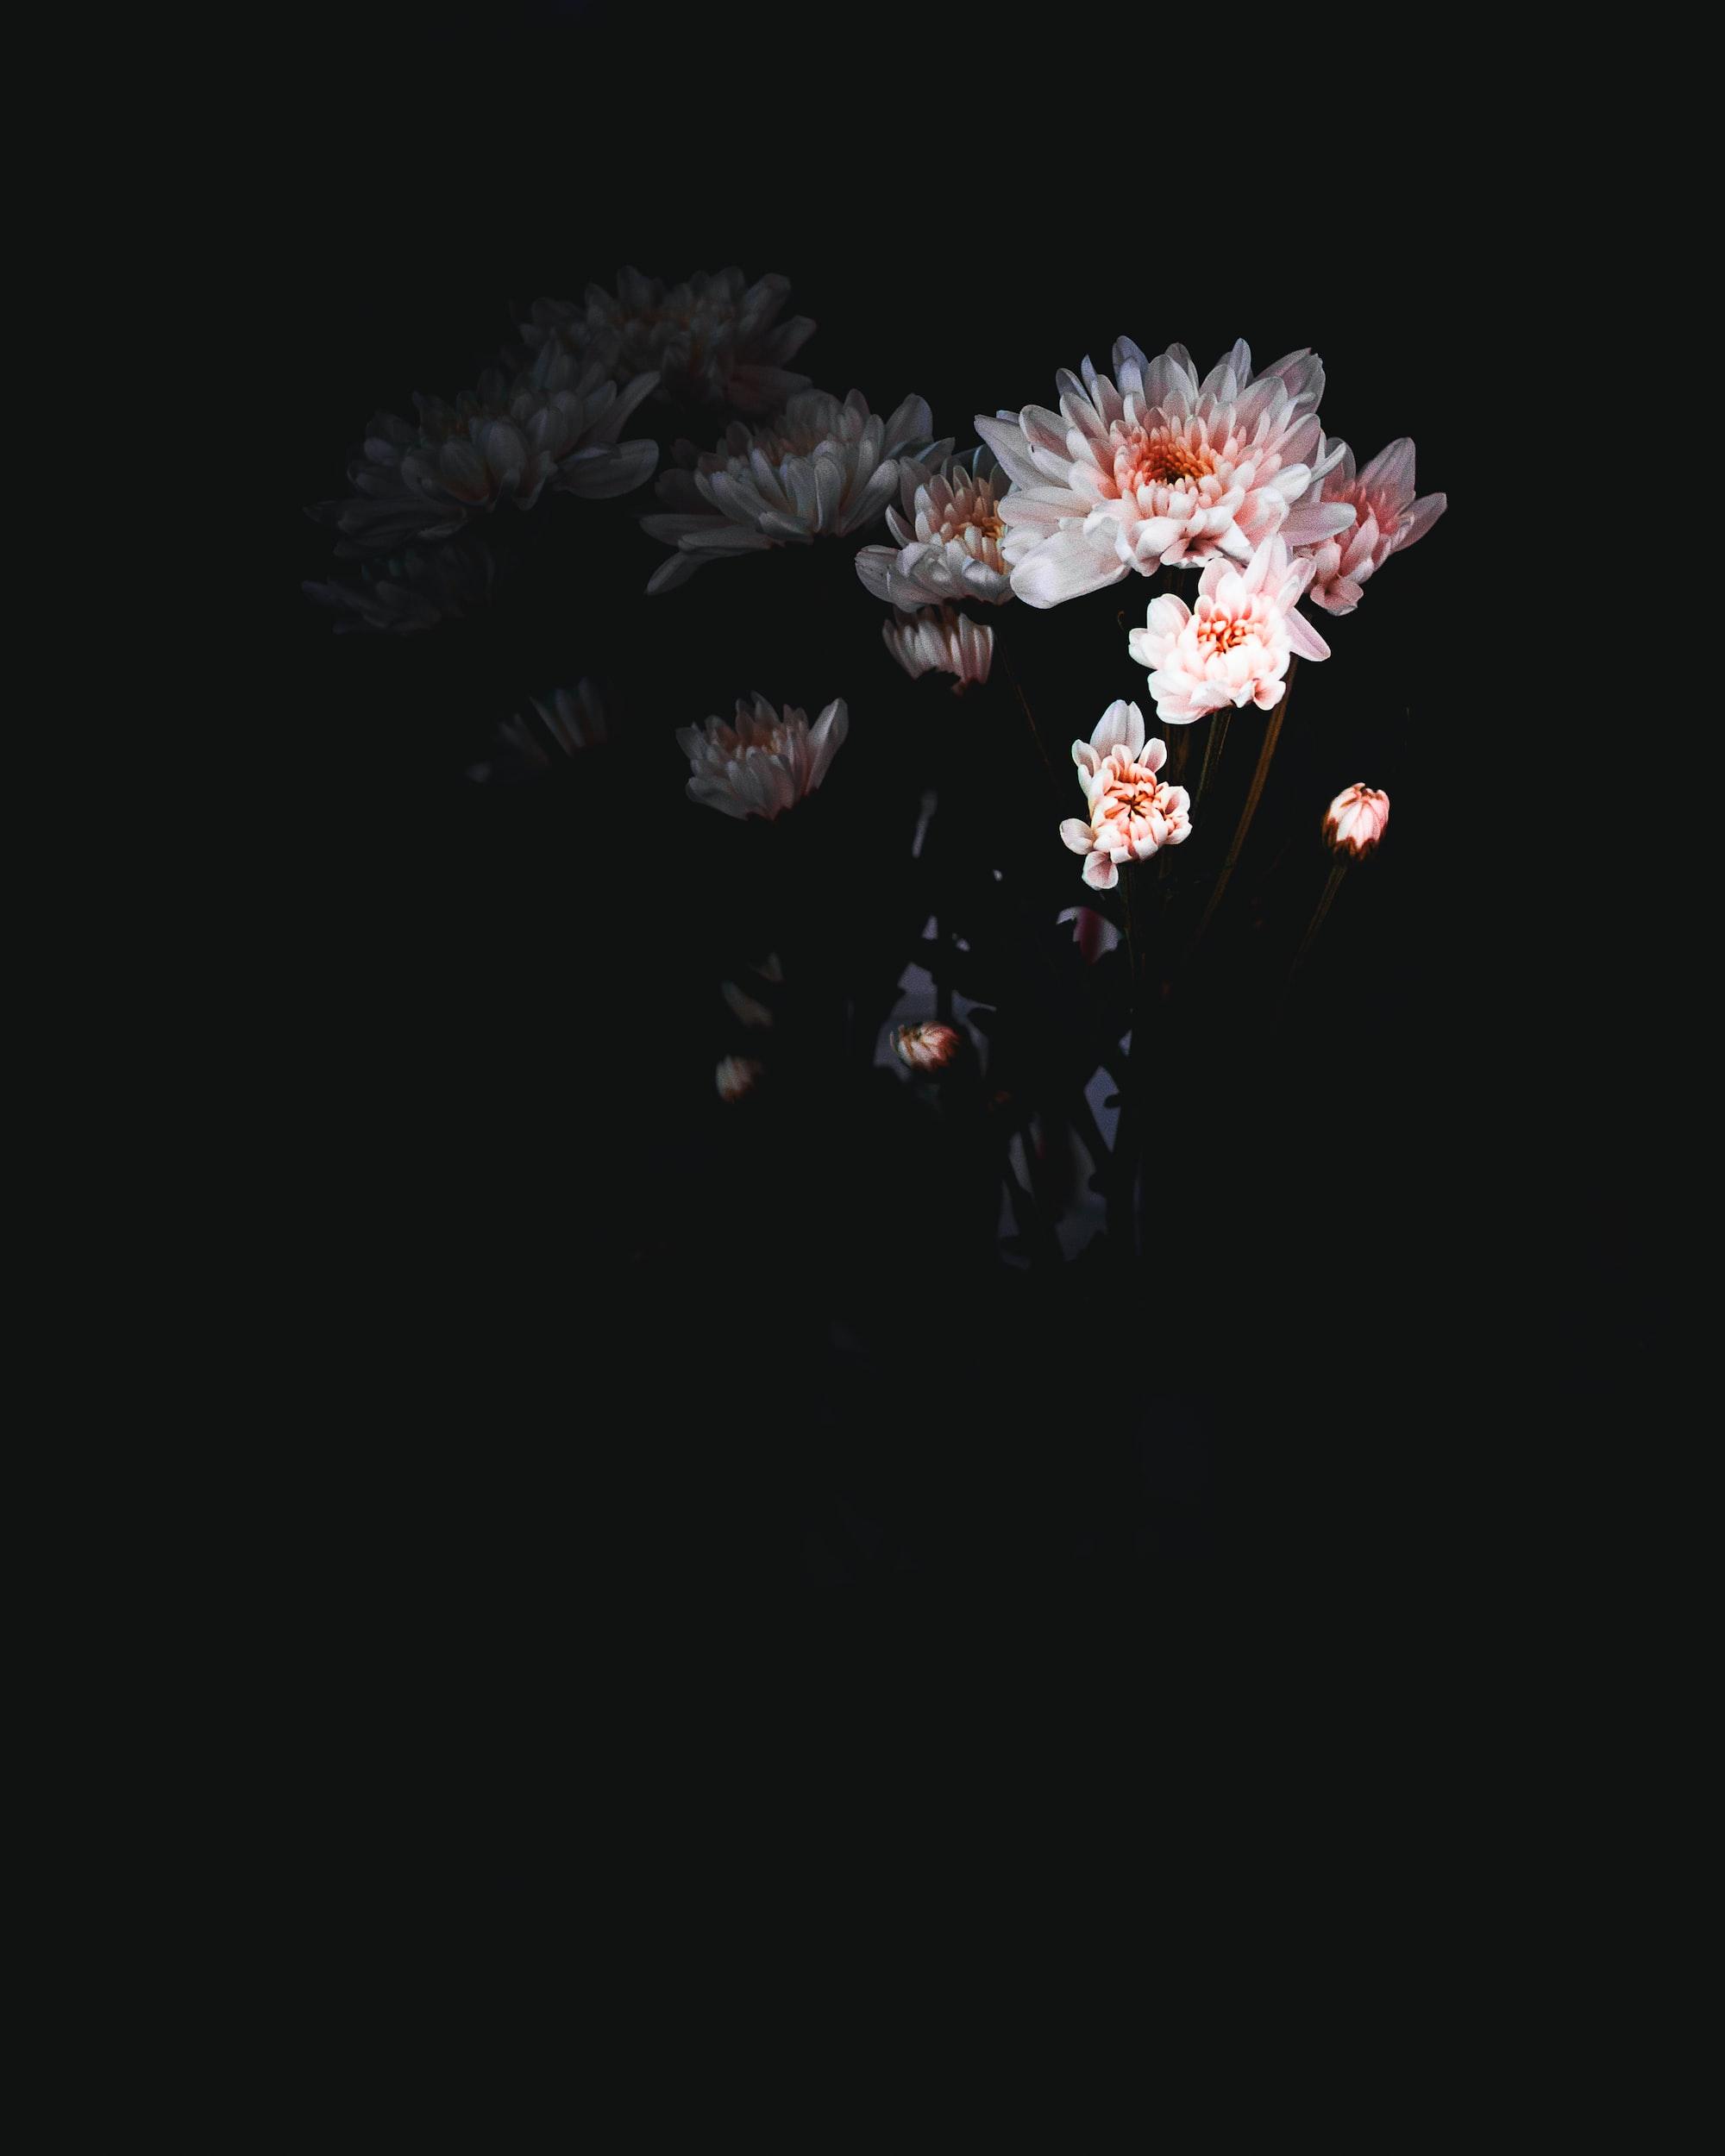 White flowers dark background